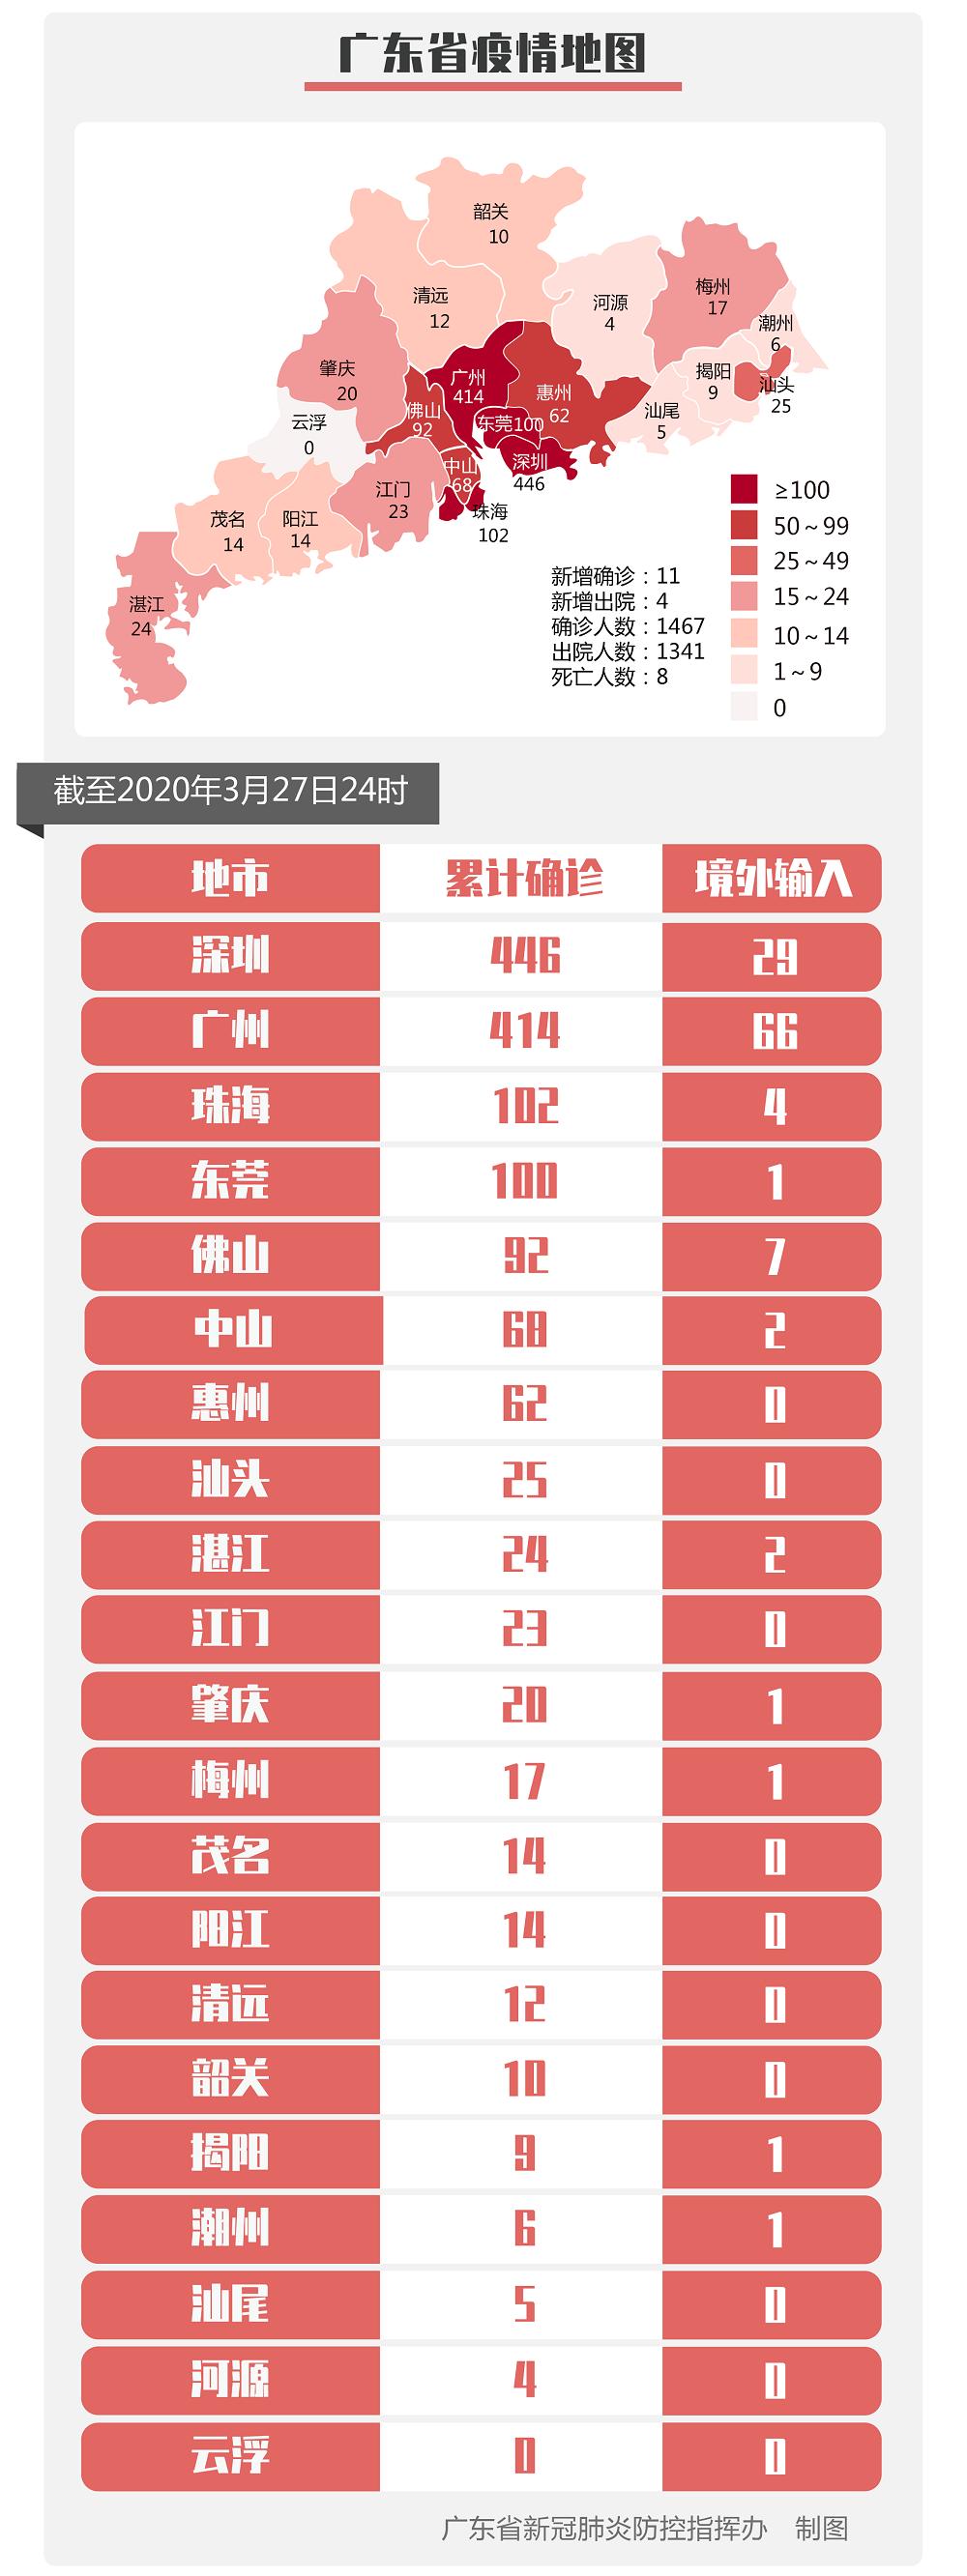 3月28日广东新型冠状病毒感染肺炎疫情通报